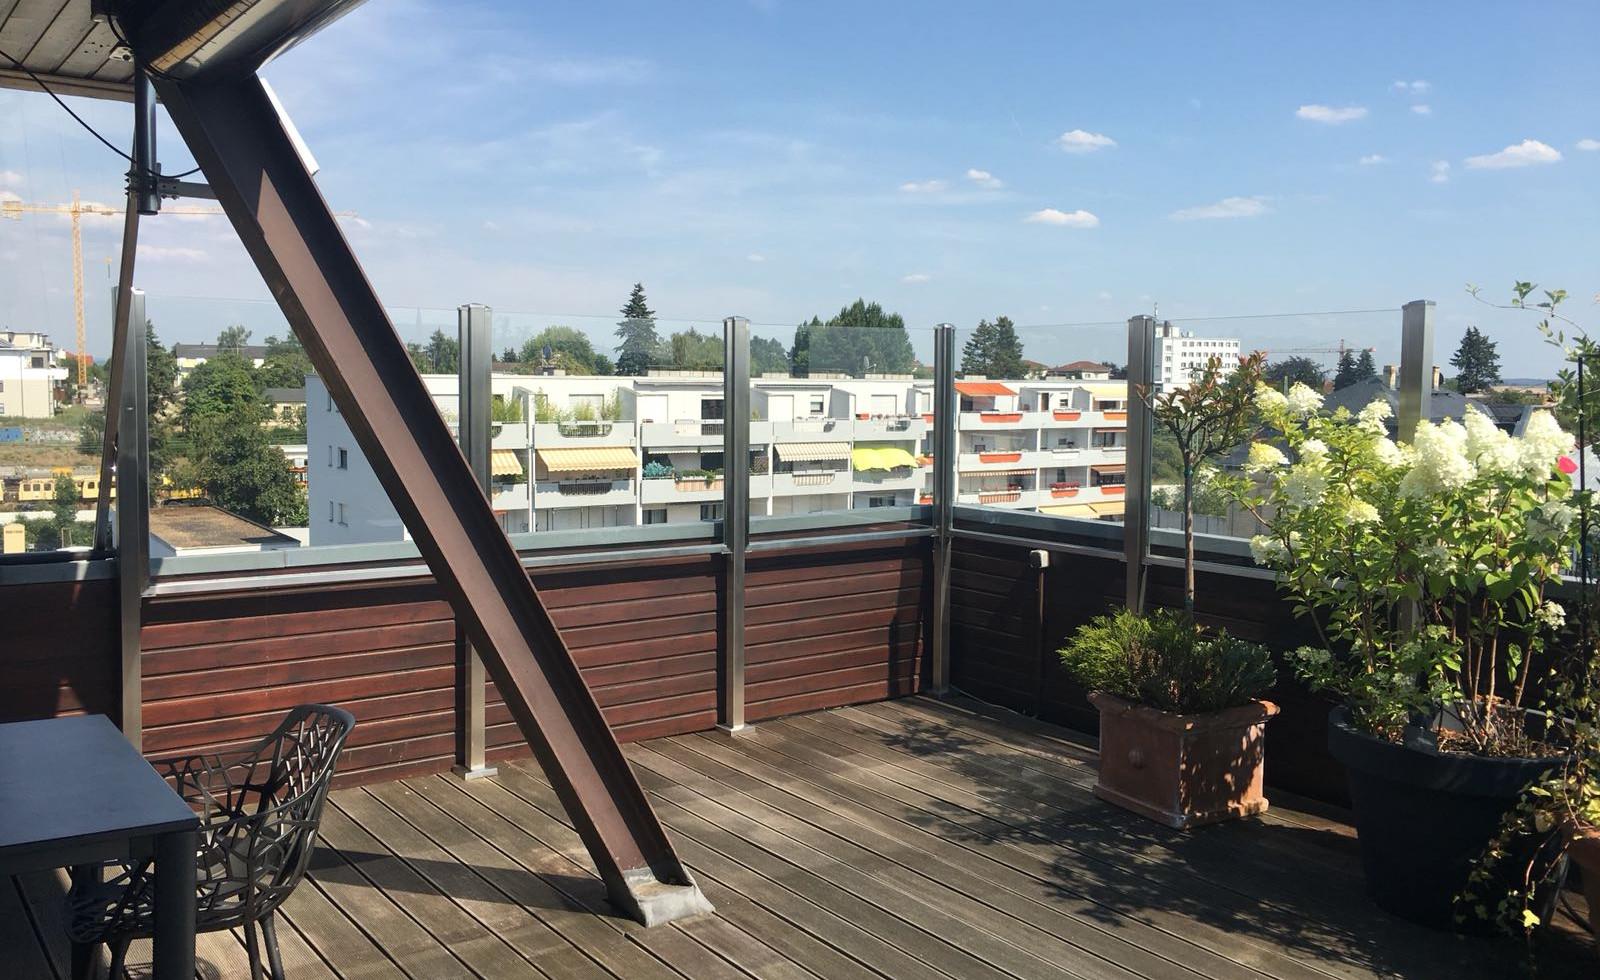 Windschutz aus Glas und Edelstahl für Loftterrasse